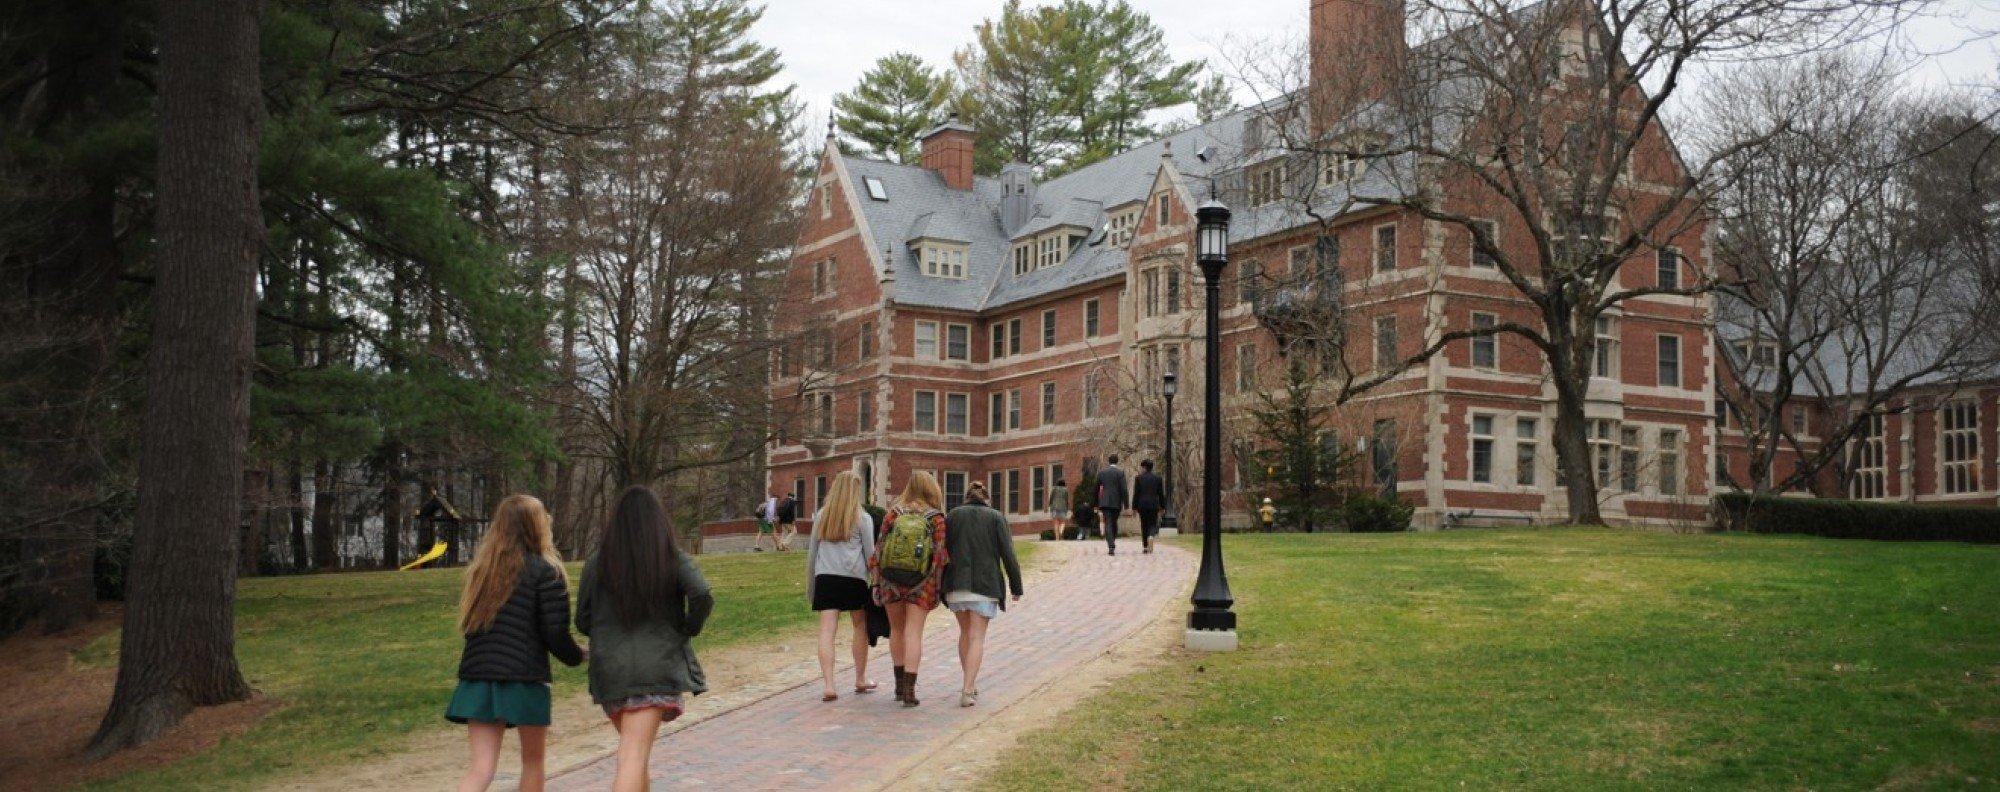 The prestigious St Paul's School, in Concord, New Hampshire, United States.  Picture